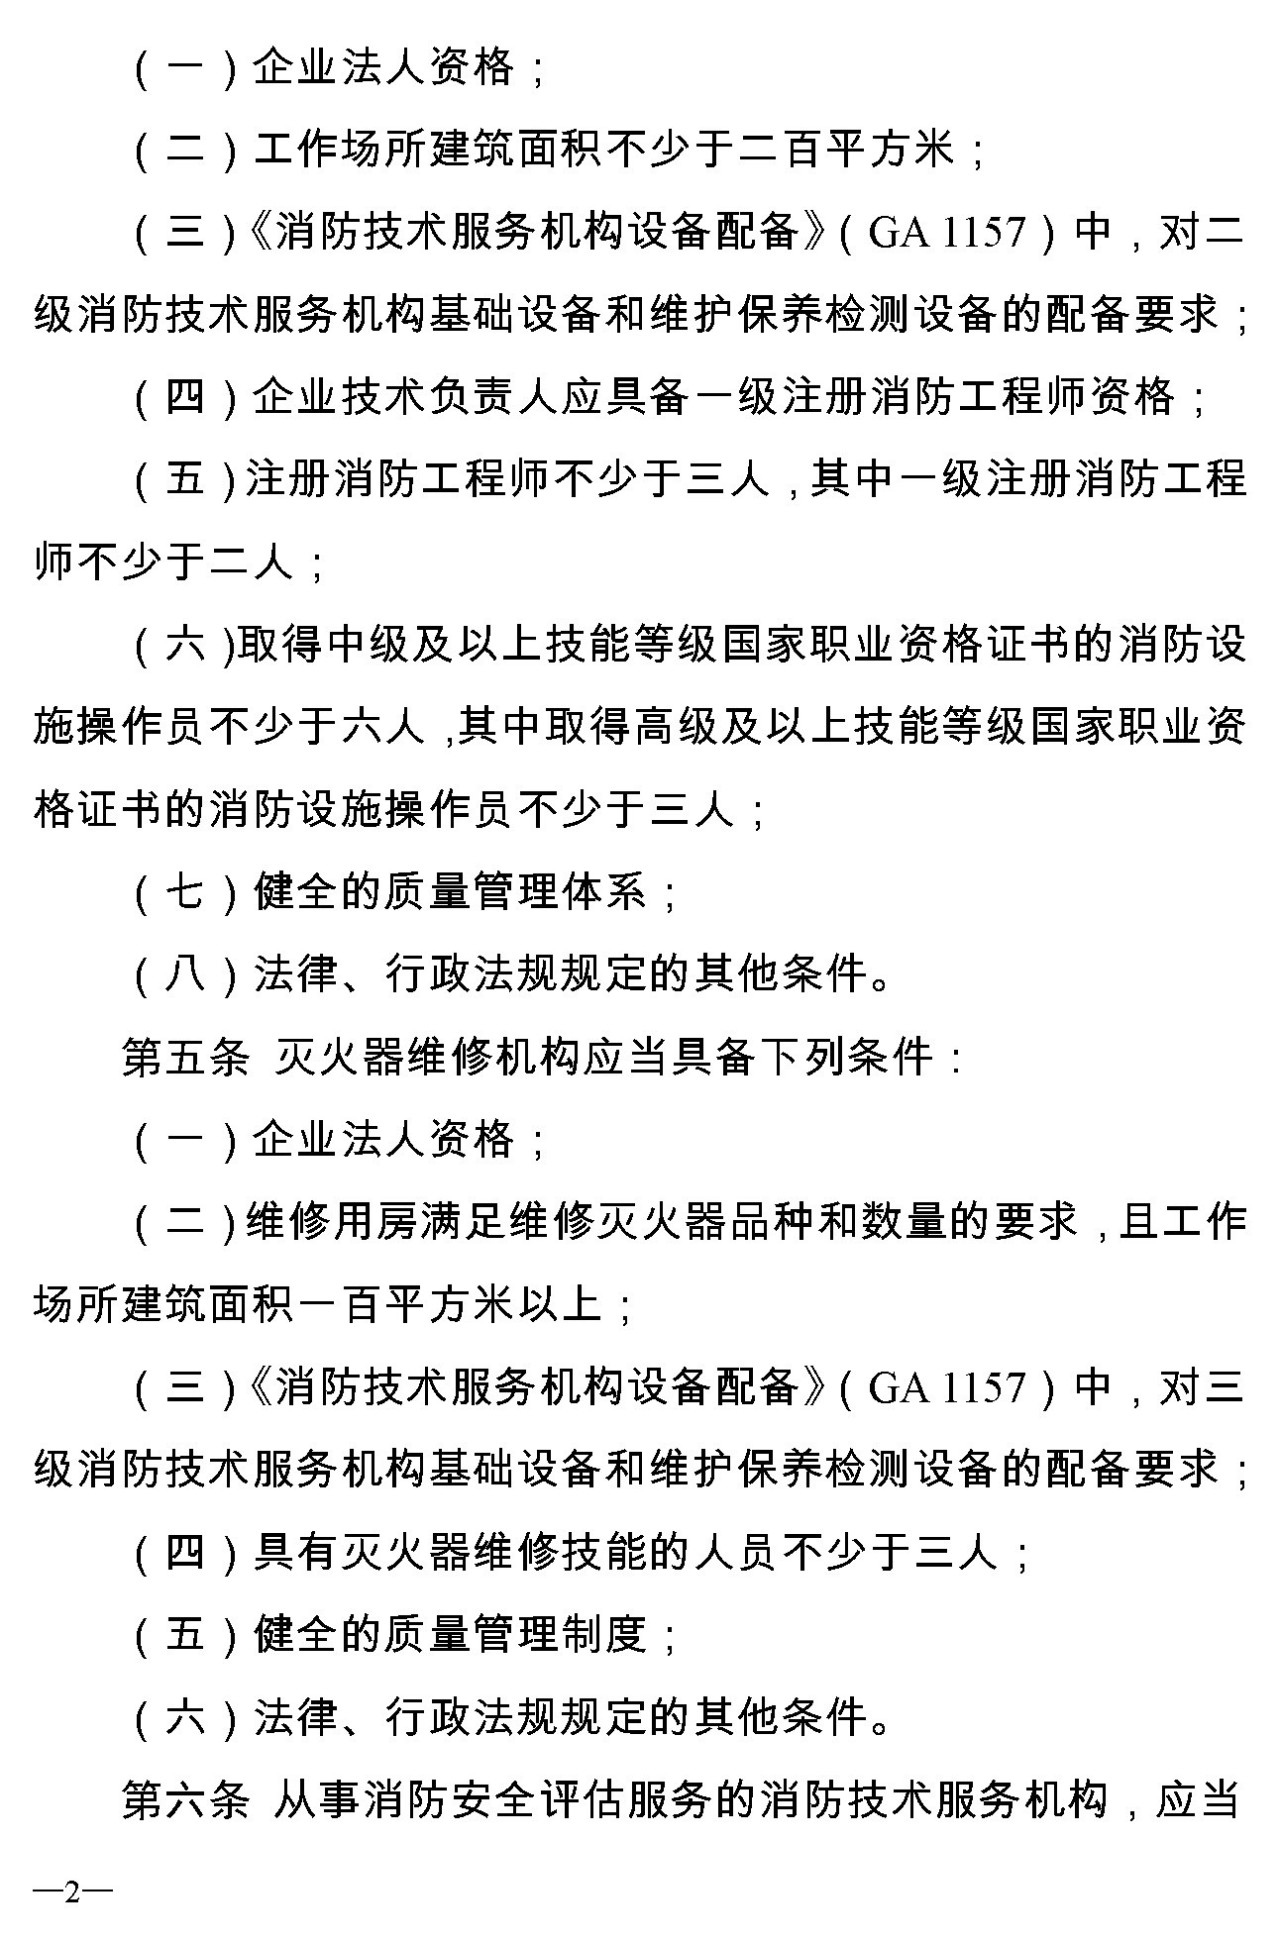 消防技术服务机构从业条件暂行规定(申报稿)2